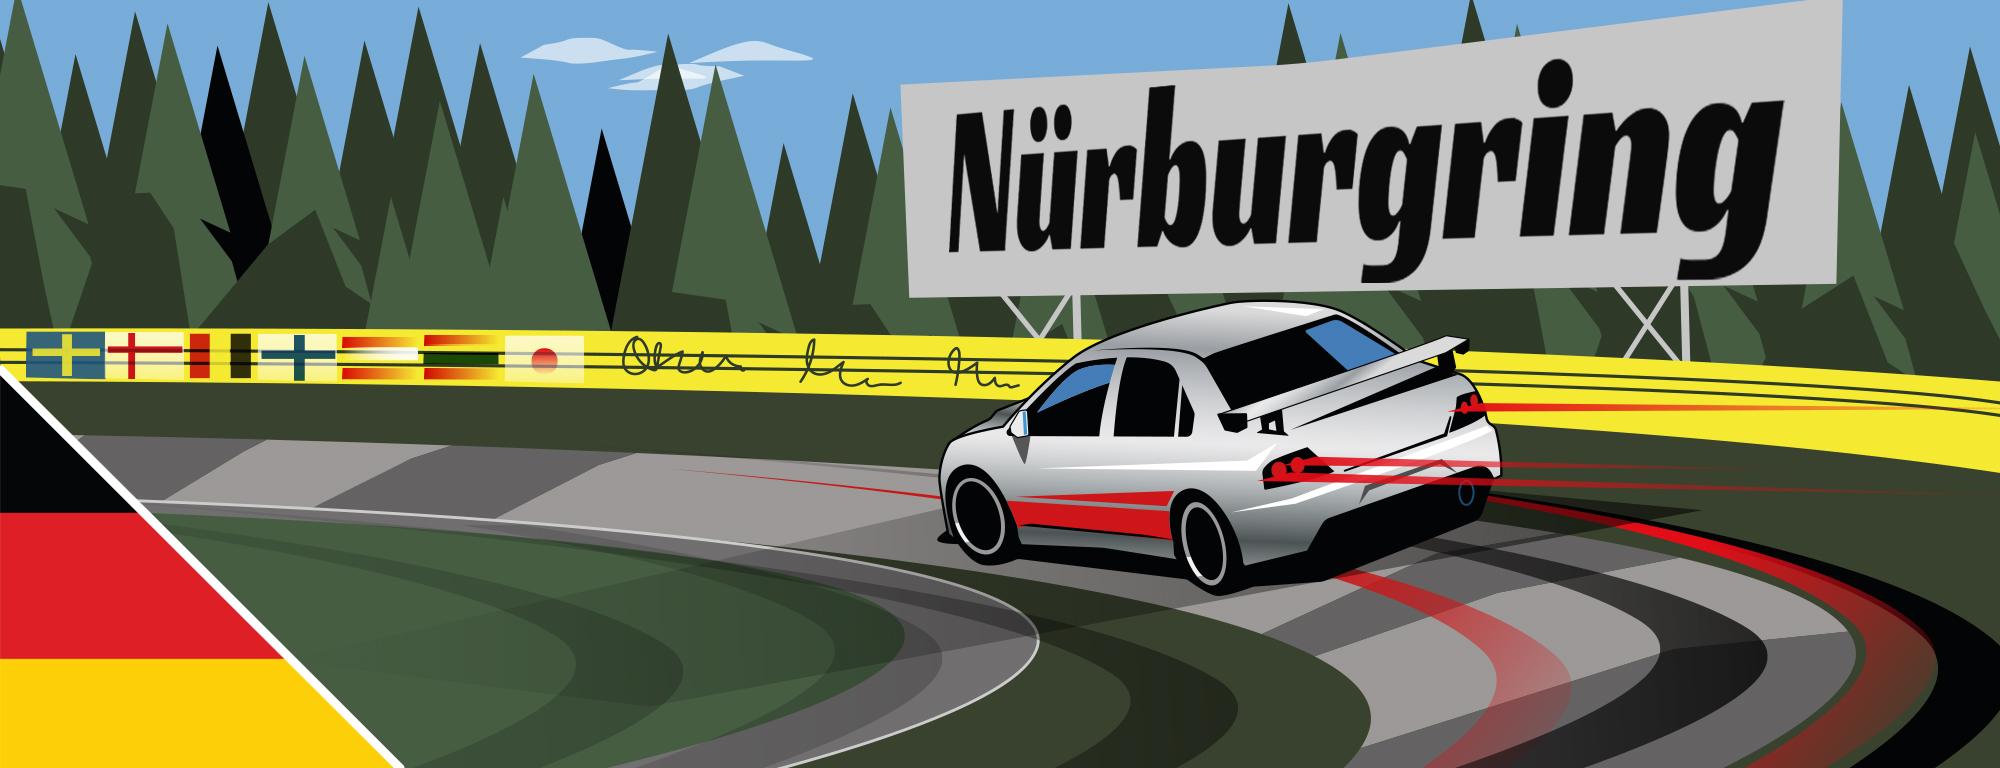 circuit-days nurburgring trackday